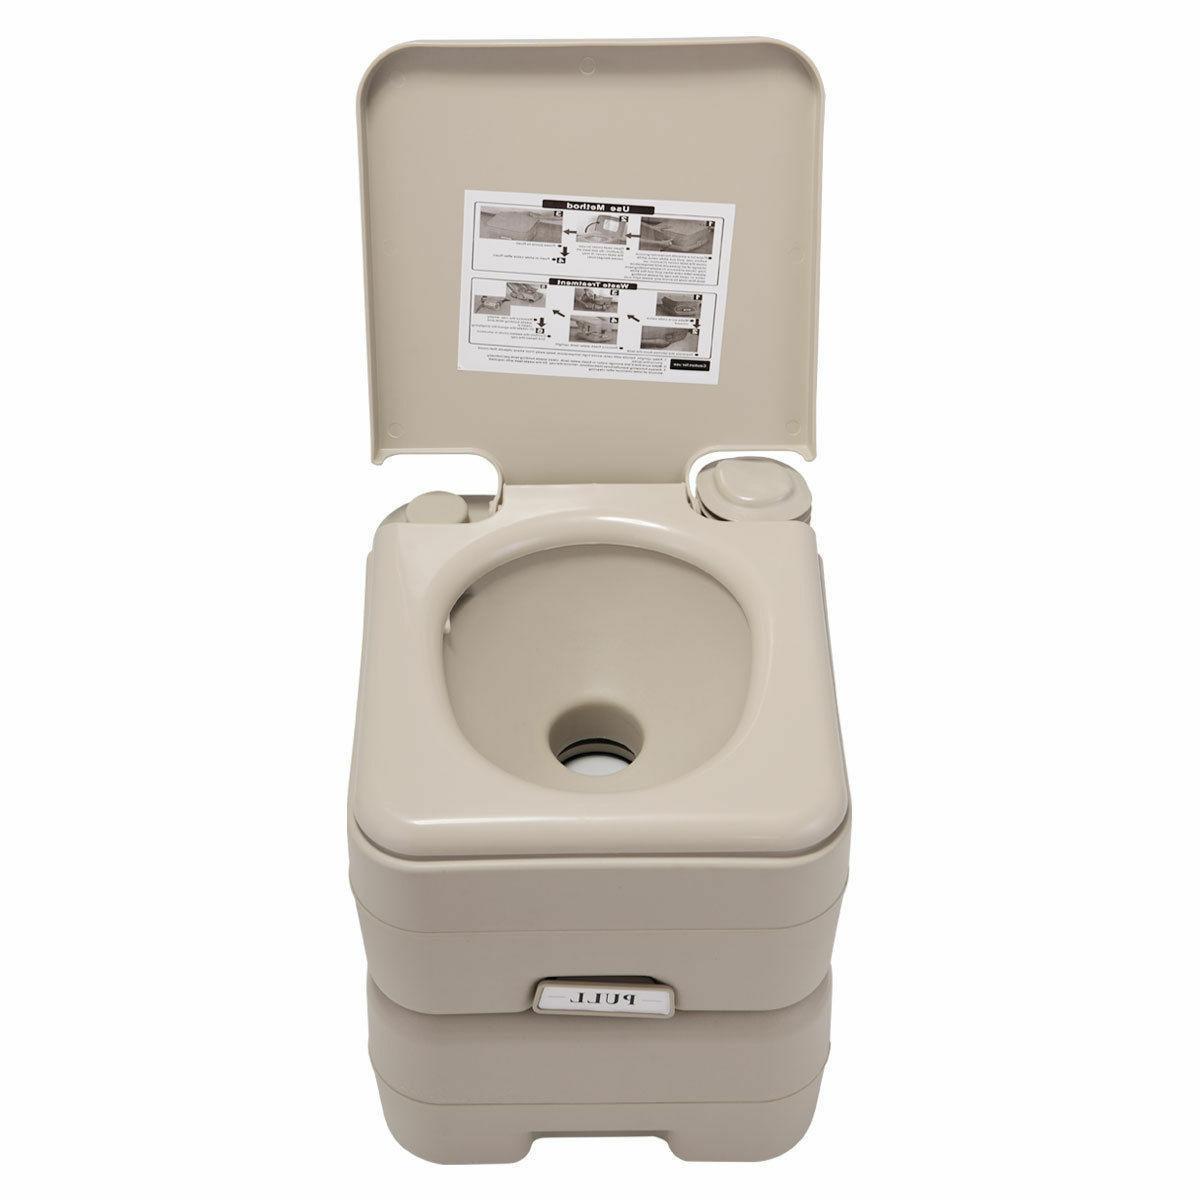 5 Toilet Flush Commode